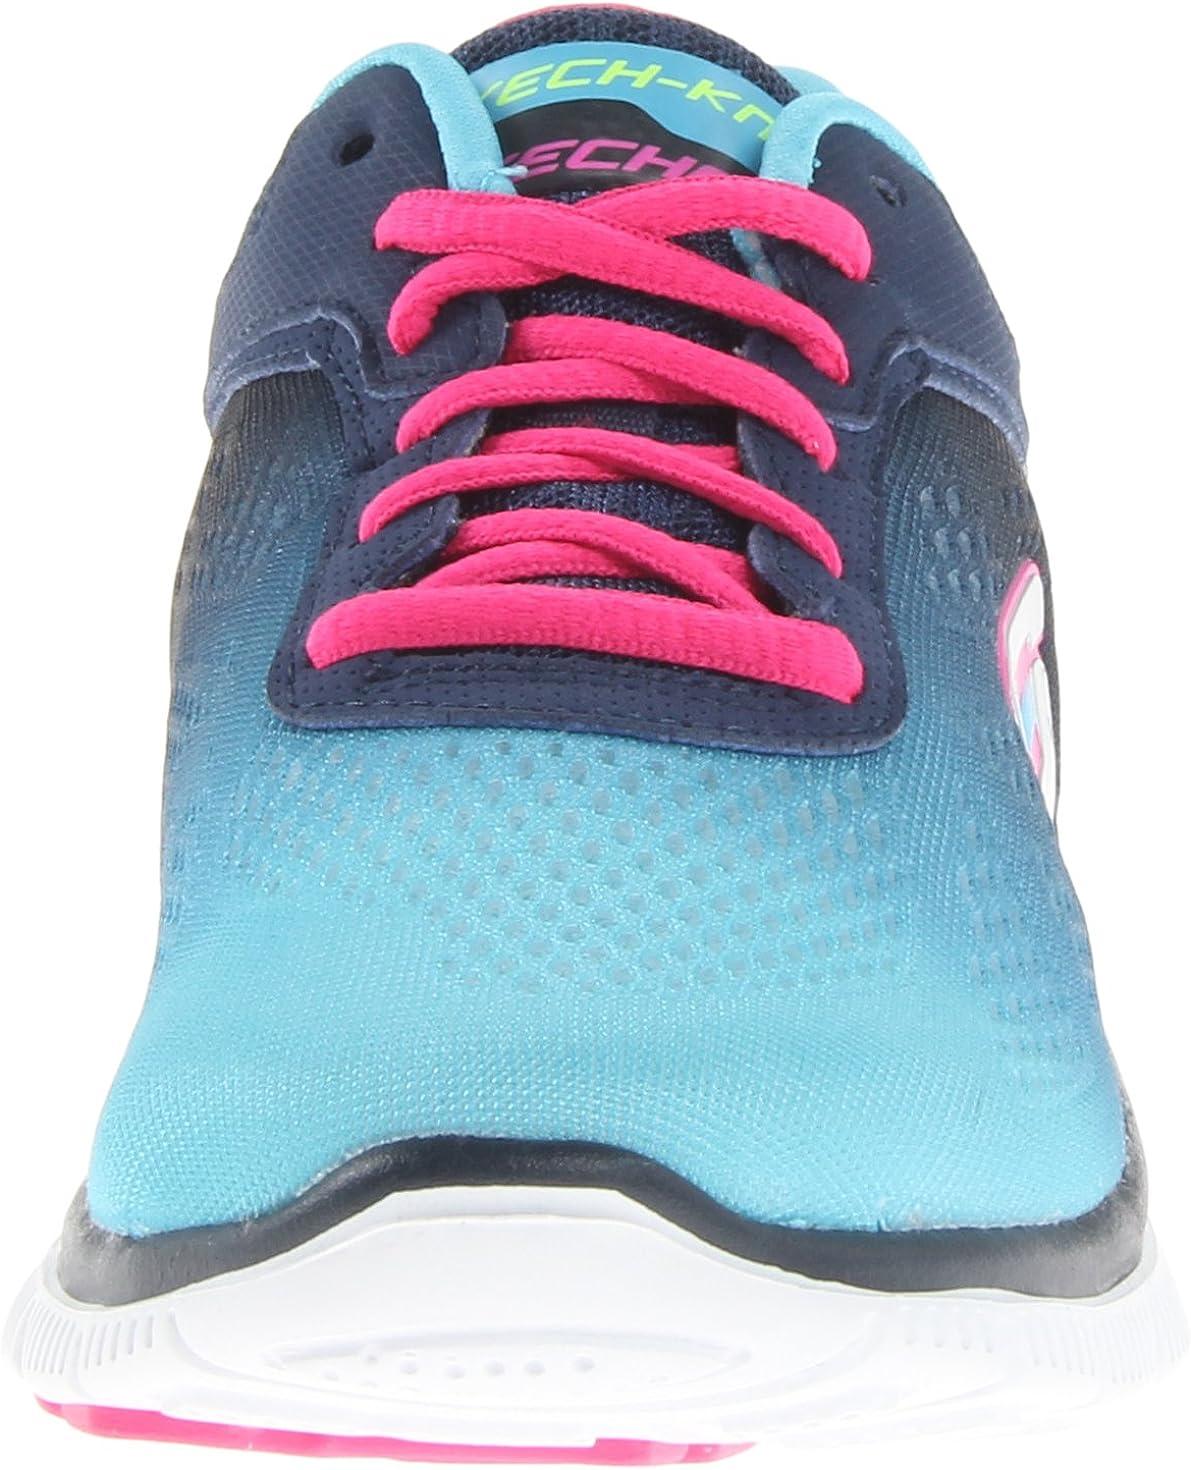 Skechers Flex Appeal Style Icon - Zapatillas de Deporte de material sintético mujer, azul - Blau (NVBL), 36: Amazon.es: Zapatos y complementos